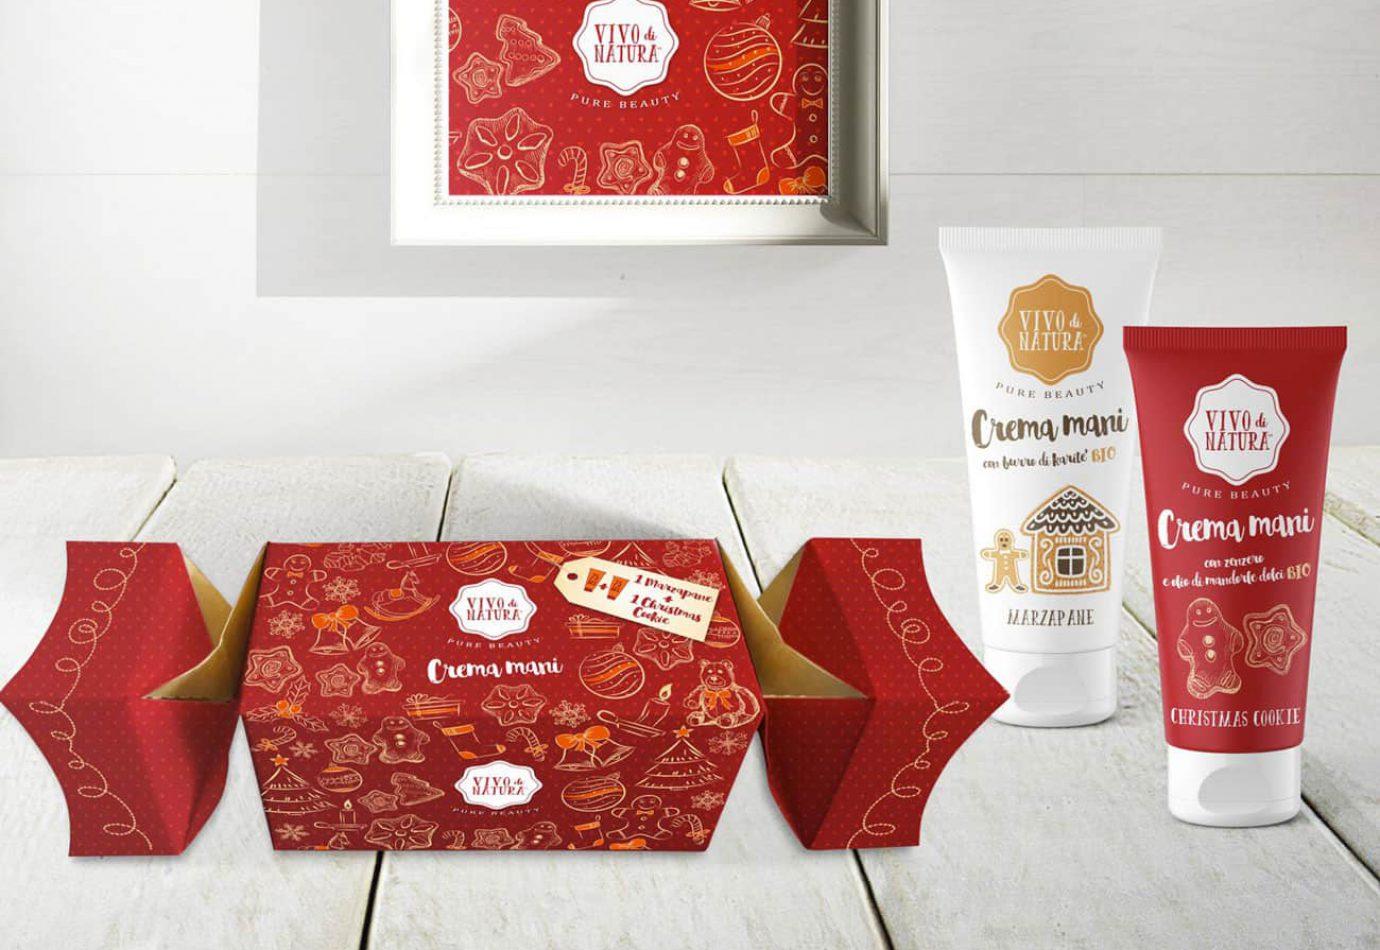 Packaging Design Caramelle Natale Vivo di Natura Christmas Cookie e Marzapane